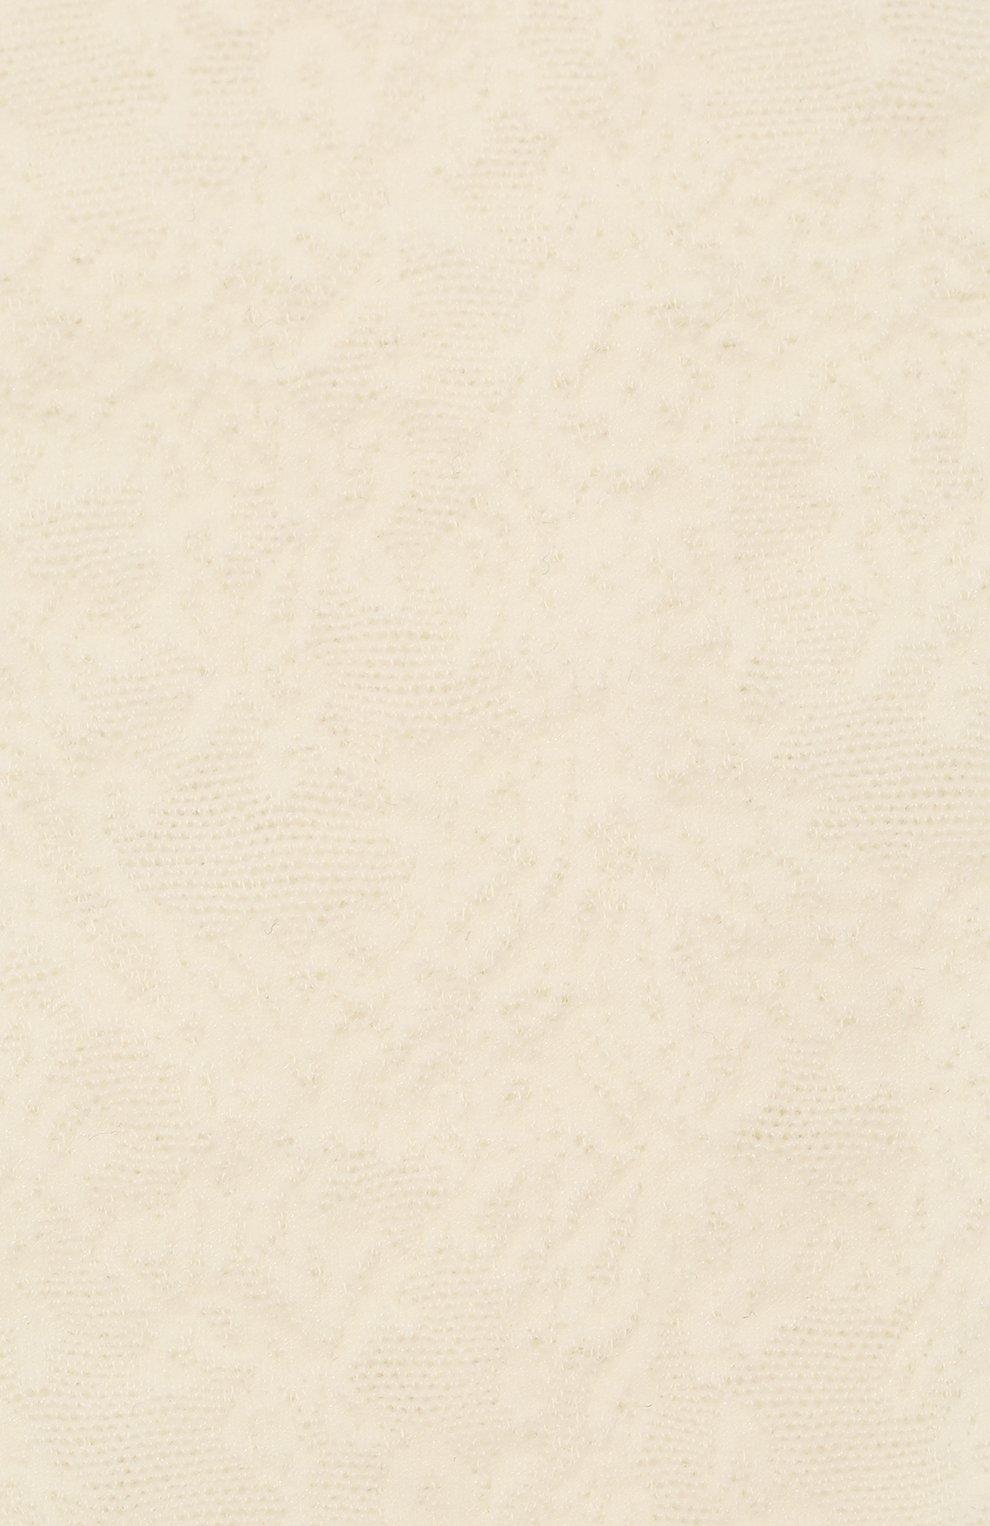 Детские колготки LA PERLA бежевого цвета, арт. 48193/15M-6A | Фото 2